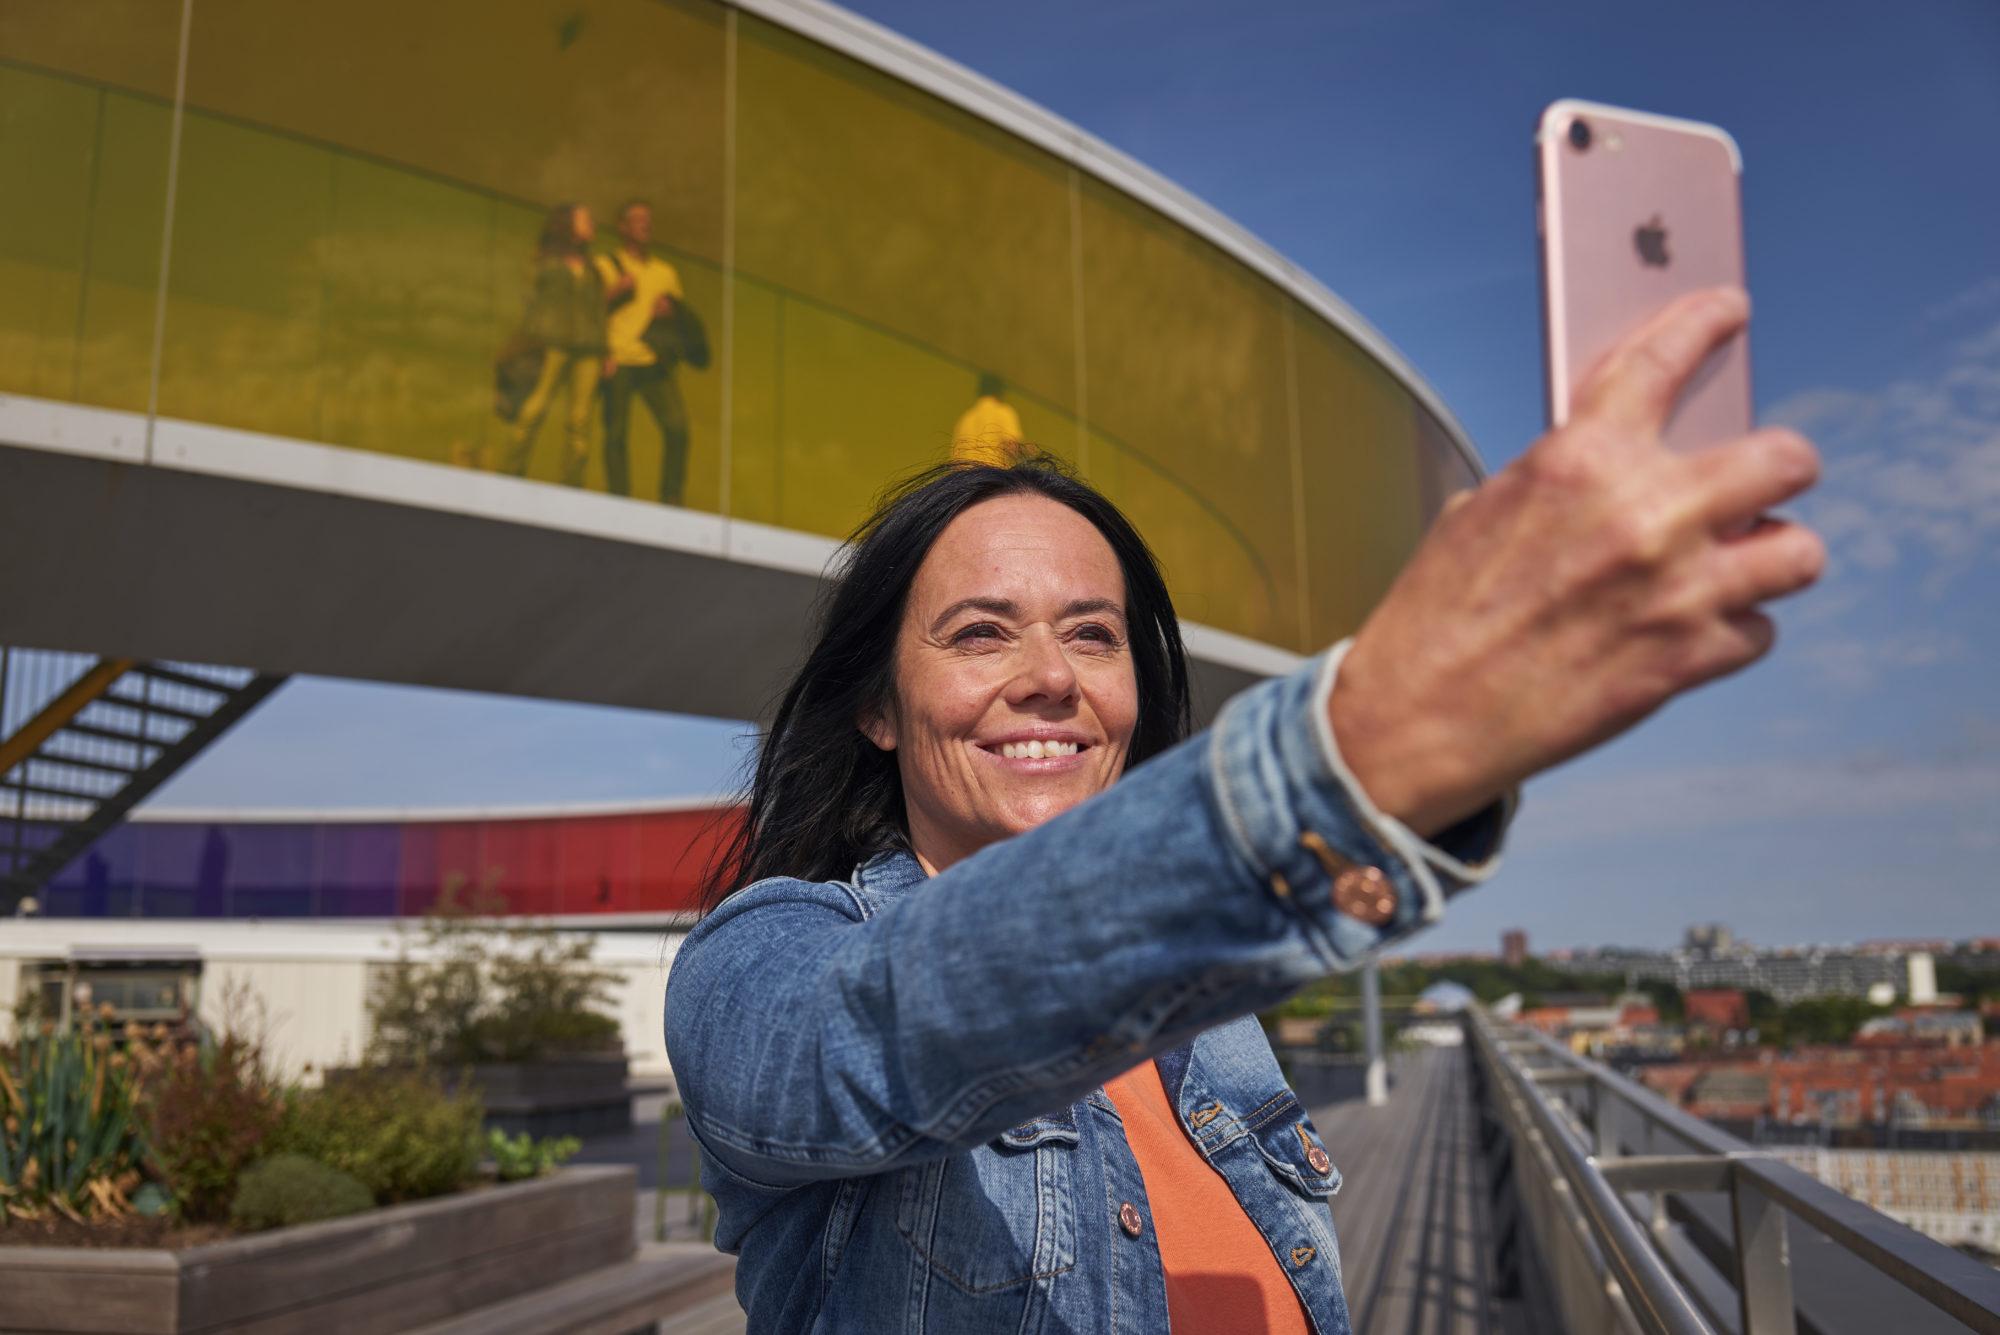 Tett på kunsten. På toppen. av ARoS, finner du Olafur Eliassons «Your rainbow panorama», et spektakulært kunstverk som du faktisk kan spasere gjennom. Foto: Fjord Line/M. Wanvik